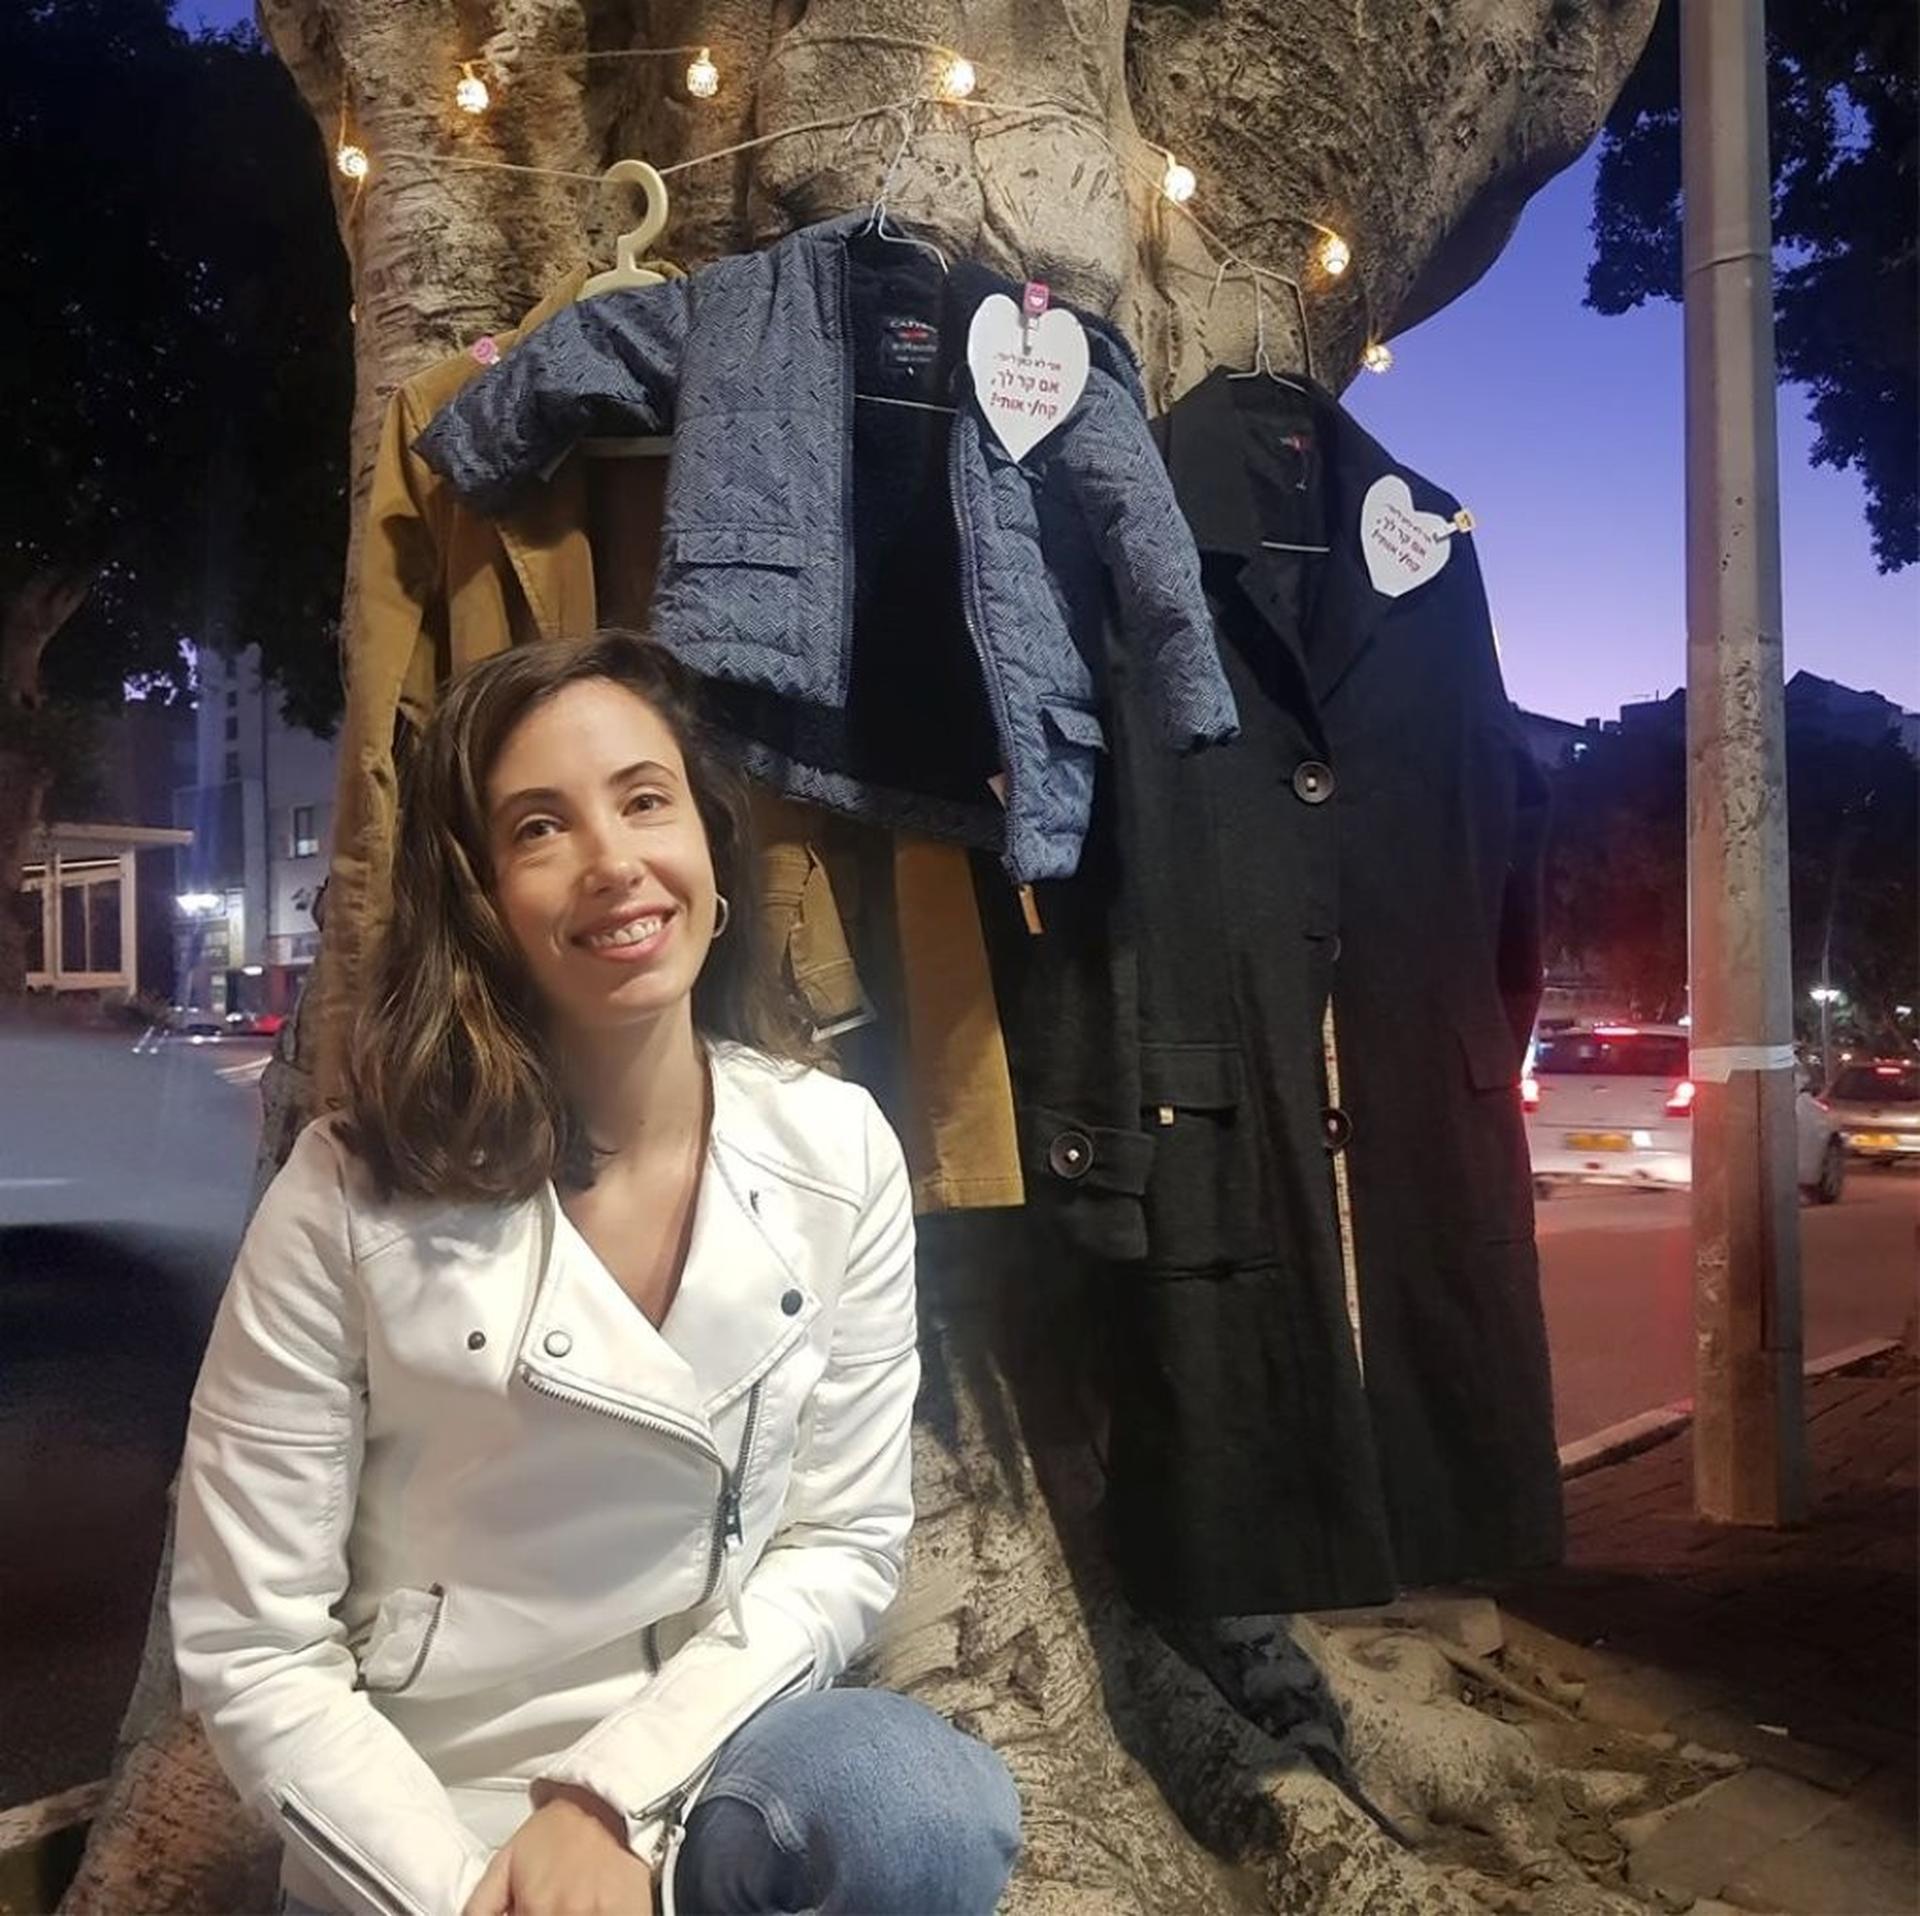 שני קלצניק ליד עץ המעילים. צילום: פרטי